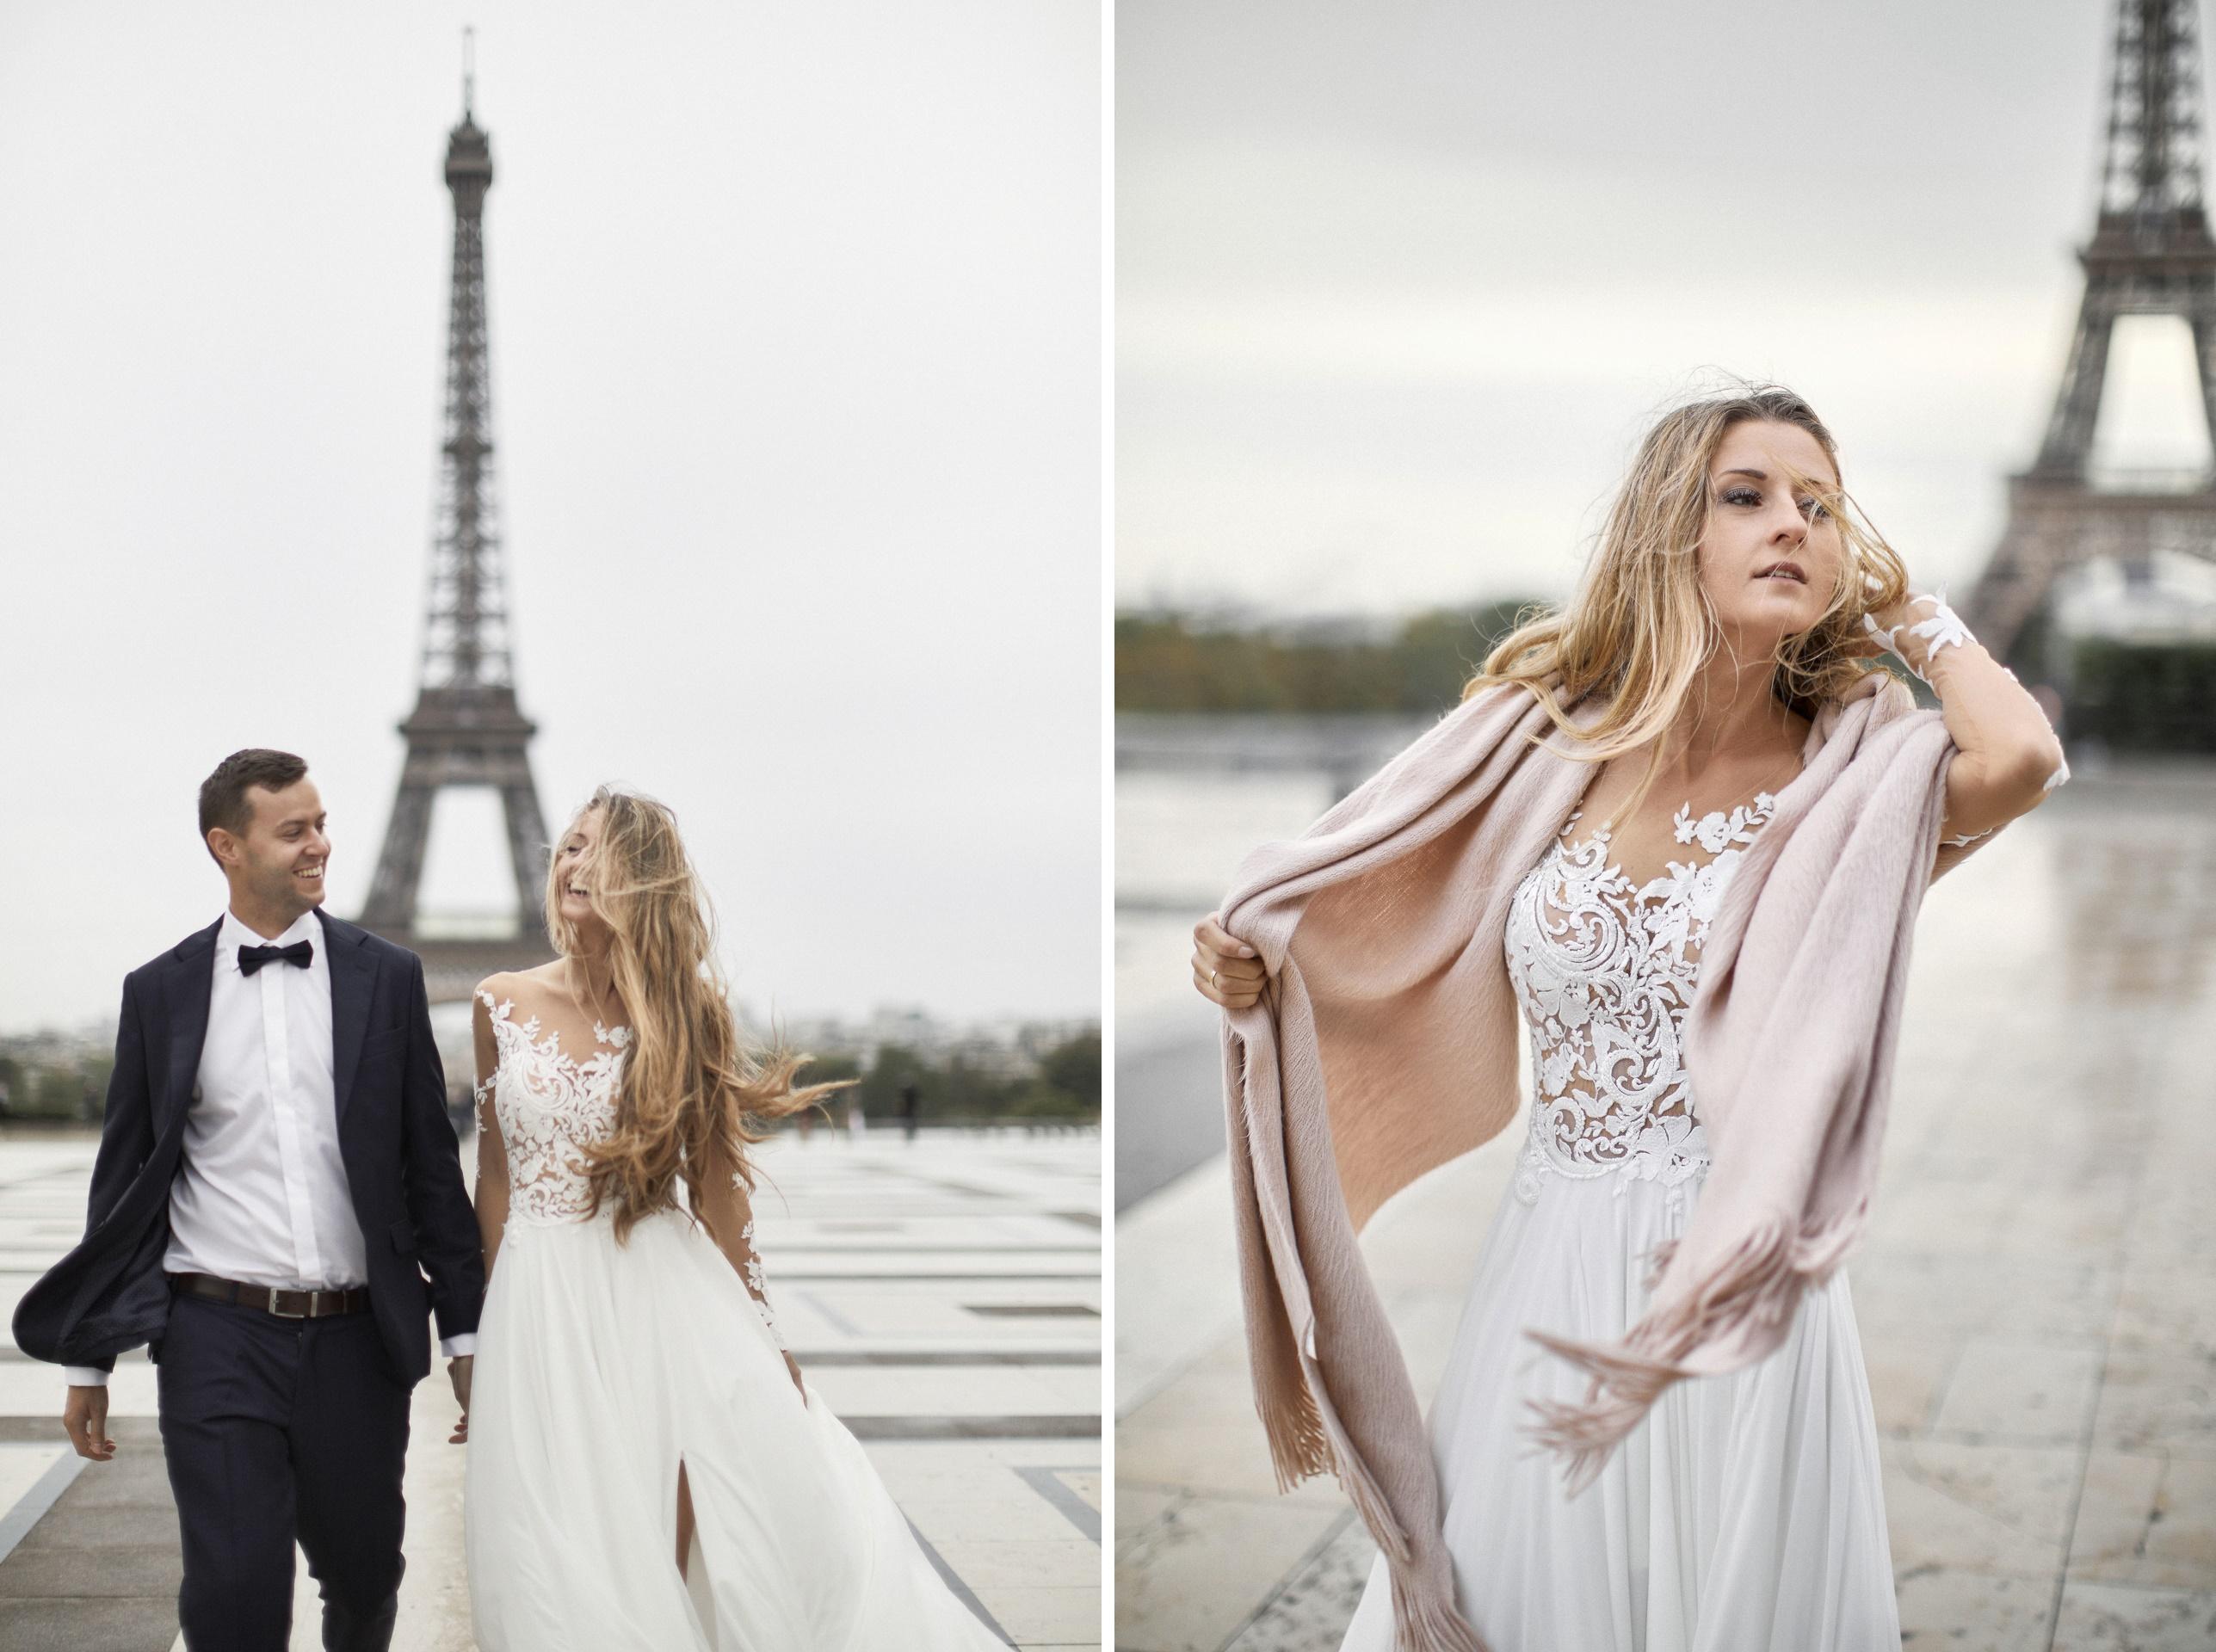 sesja ślubna za granicą w Paryżu